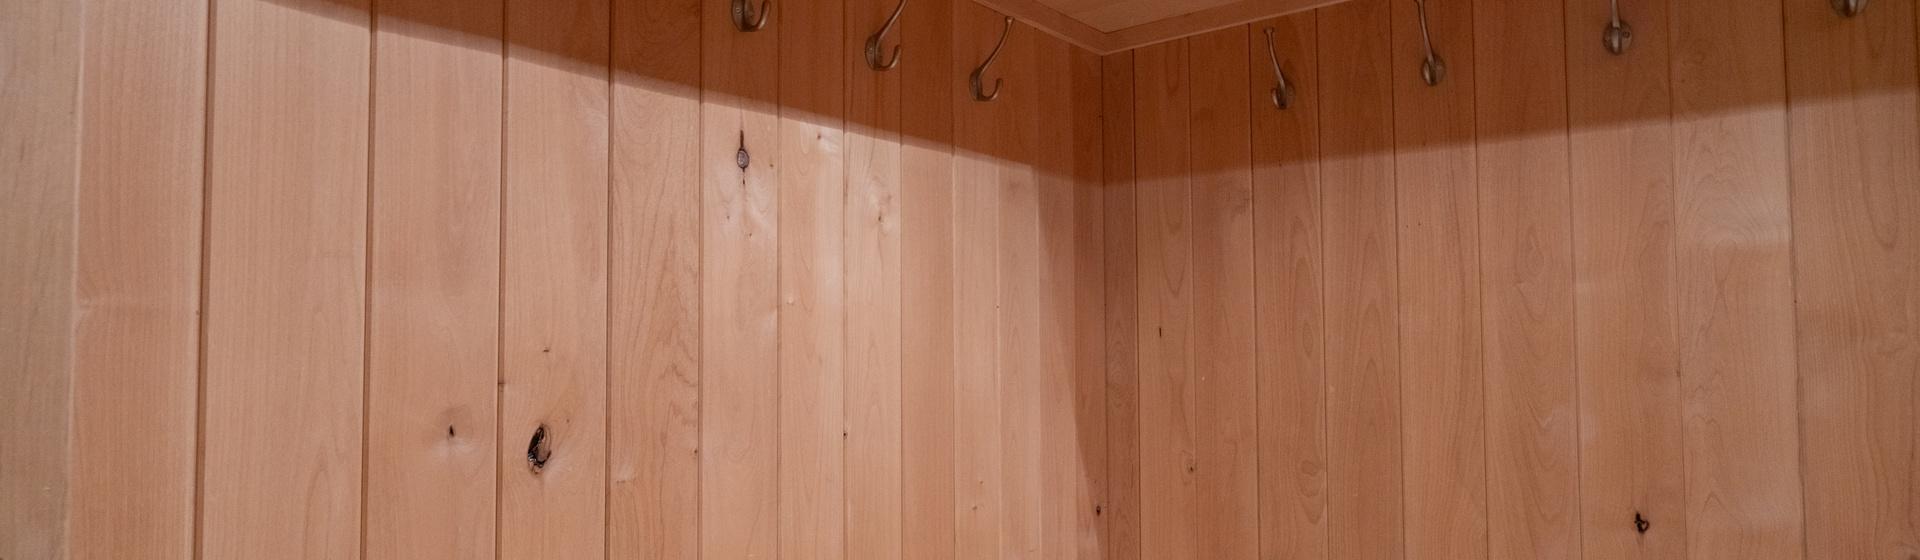 15-Telluride-Pine-Street-Penthouse-A-Mud-Room